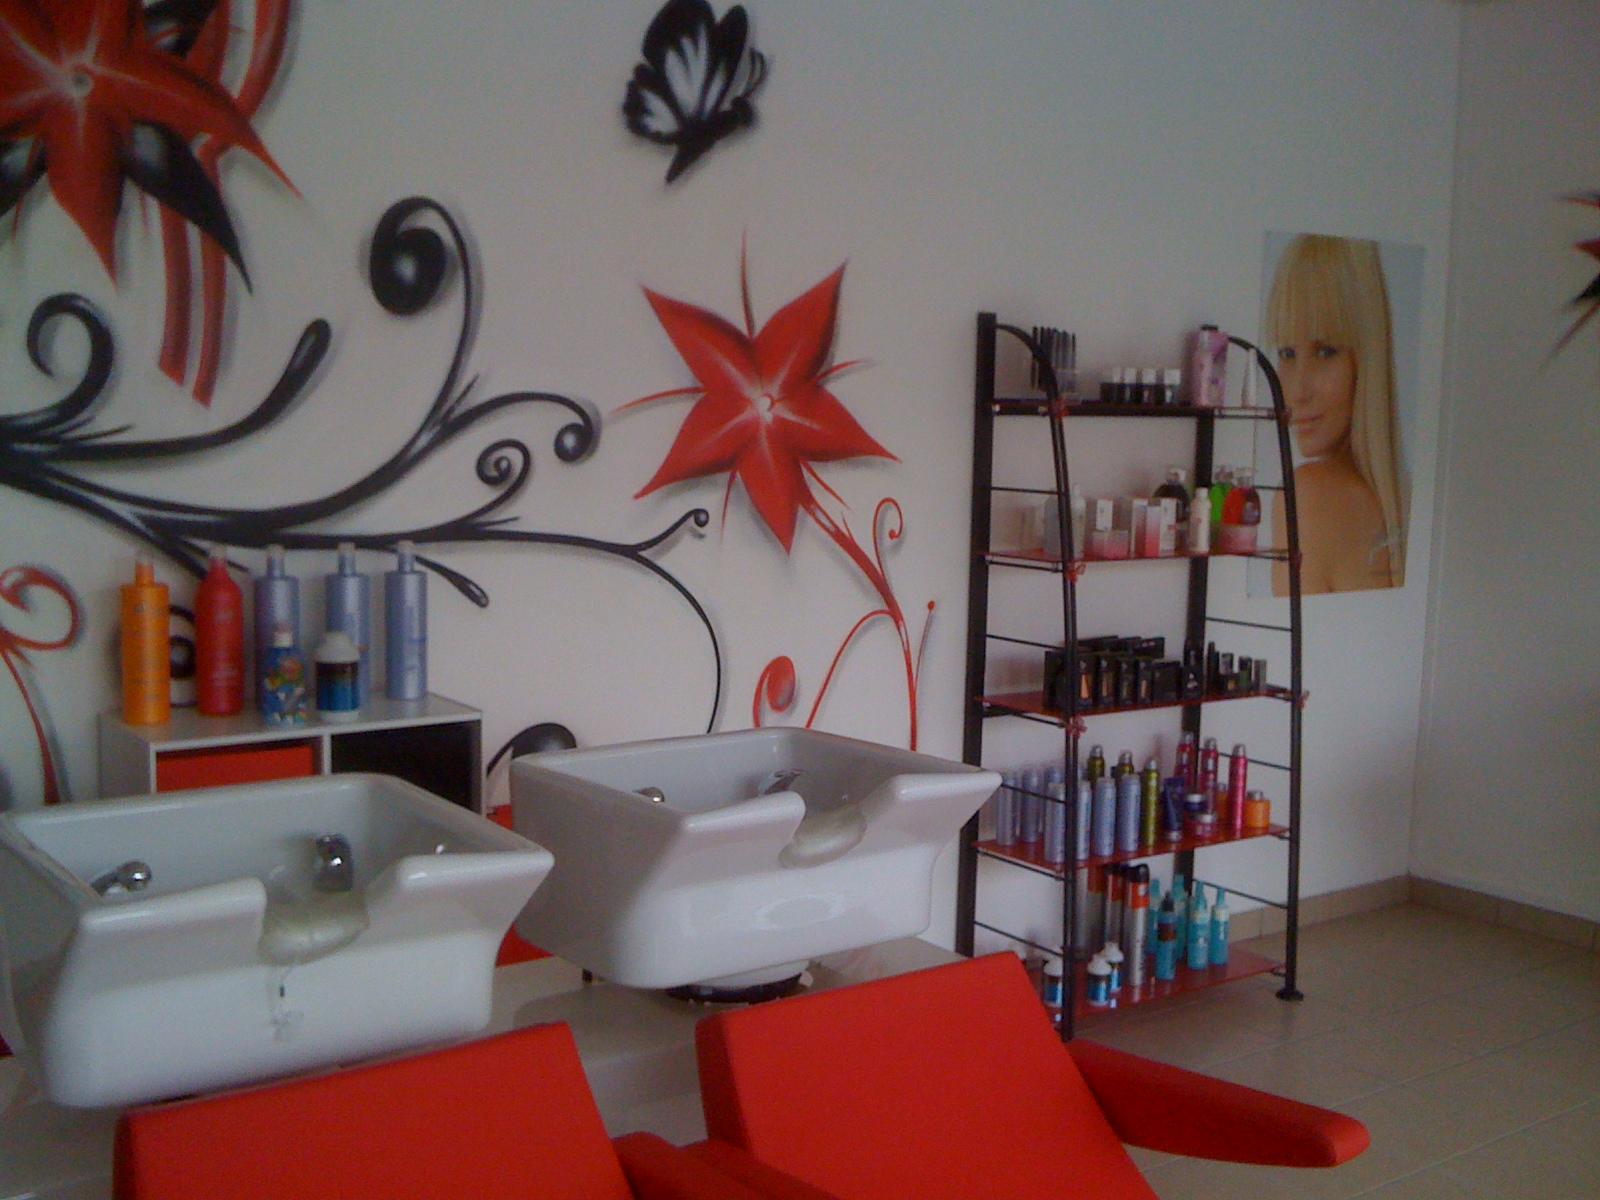 N m design fresnoy le grand avis tarifs horaires for Salon de coiffure noisy le grand